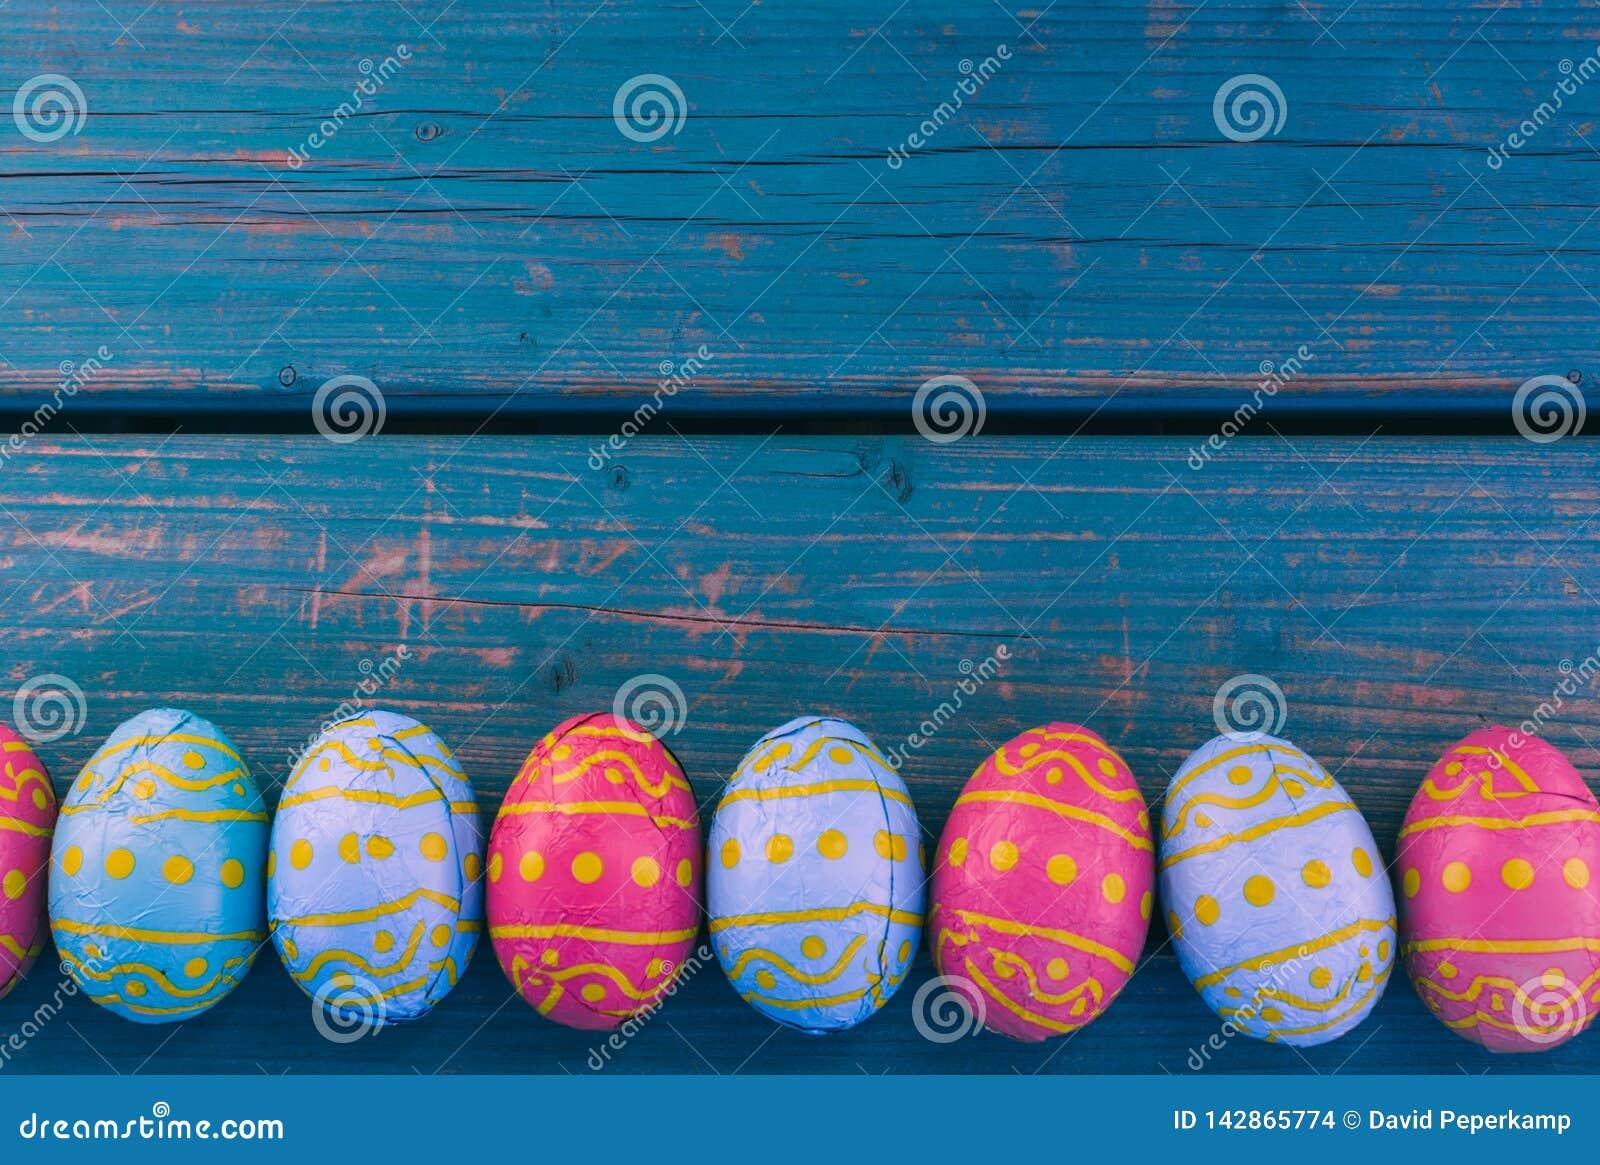 Huevos de Pascua del chocolate en fila, banco azul, fondo de pascua